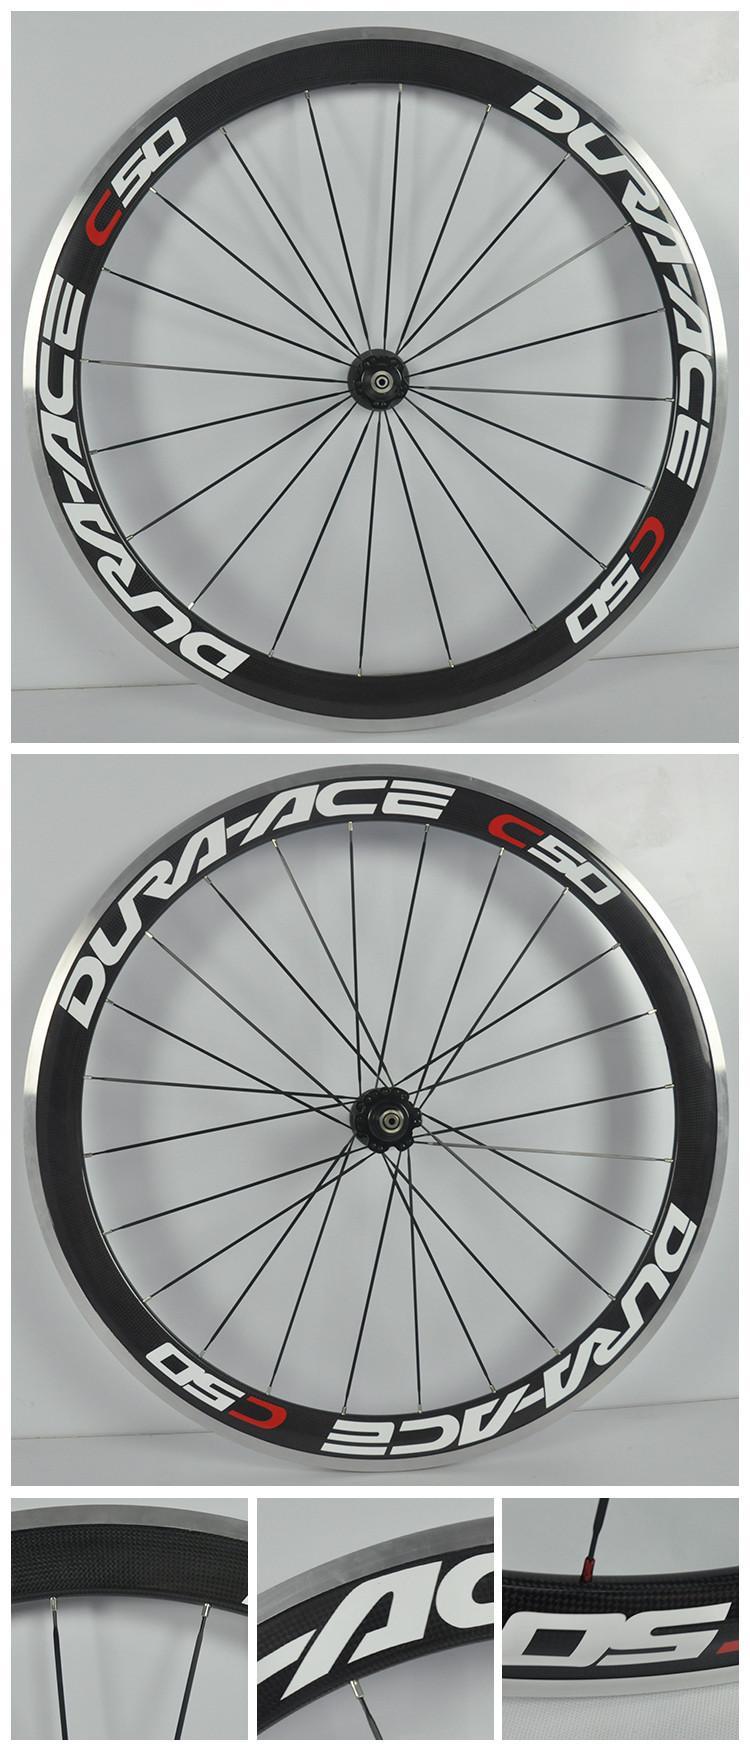 Frete grátis liga de freio de superfície 50mm rodado de carbono para bicicleta de estrada 700c carbono clincher rodas 23mm de largura com rolamento de cerâmica hubs rodas